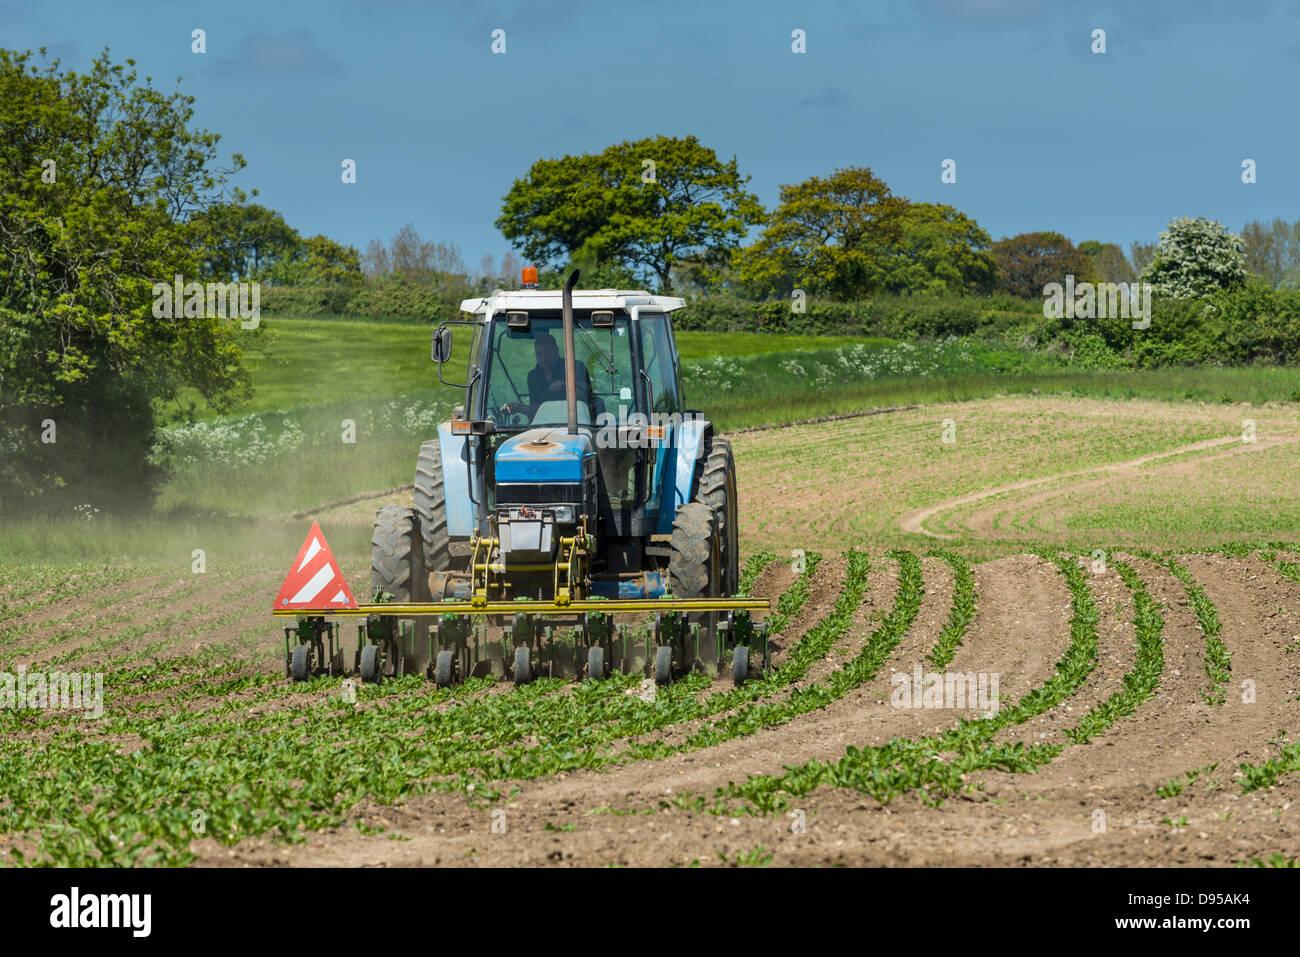 sugar beet, crop, weed, control, mechanised, hoe, tractor, - Stock Image